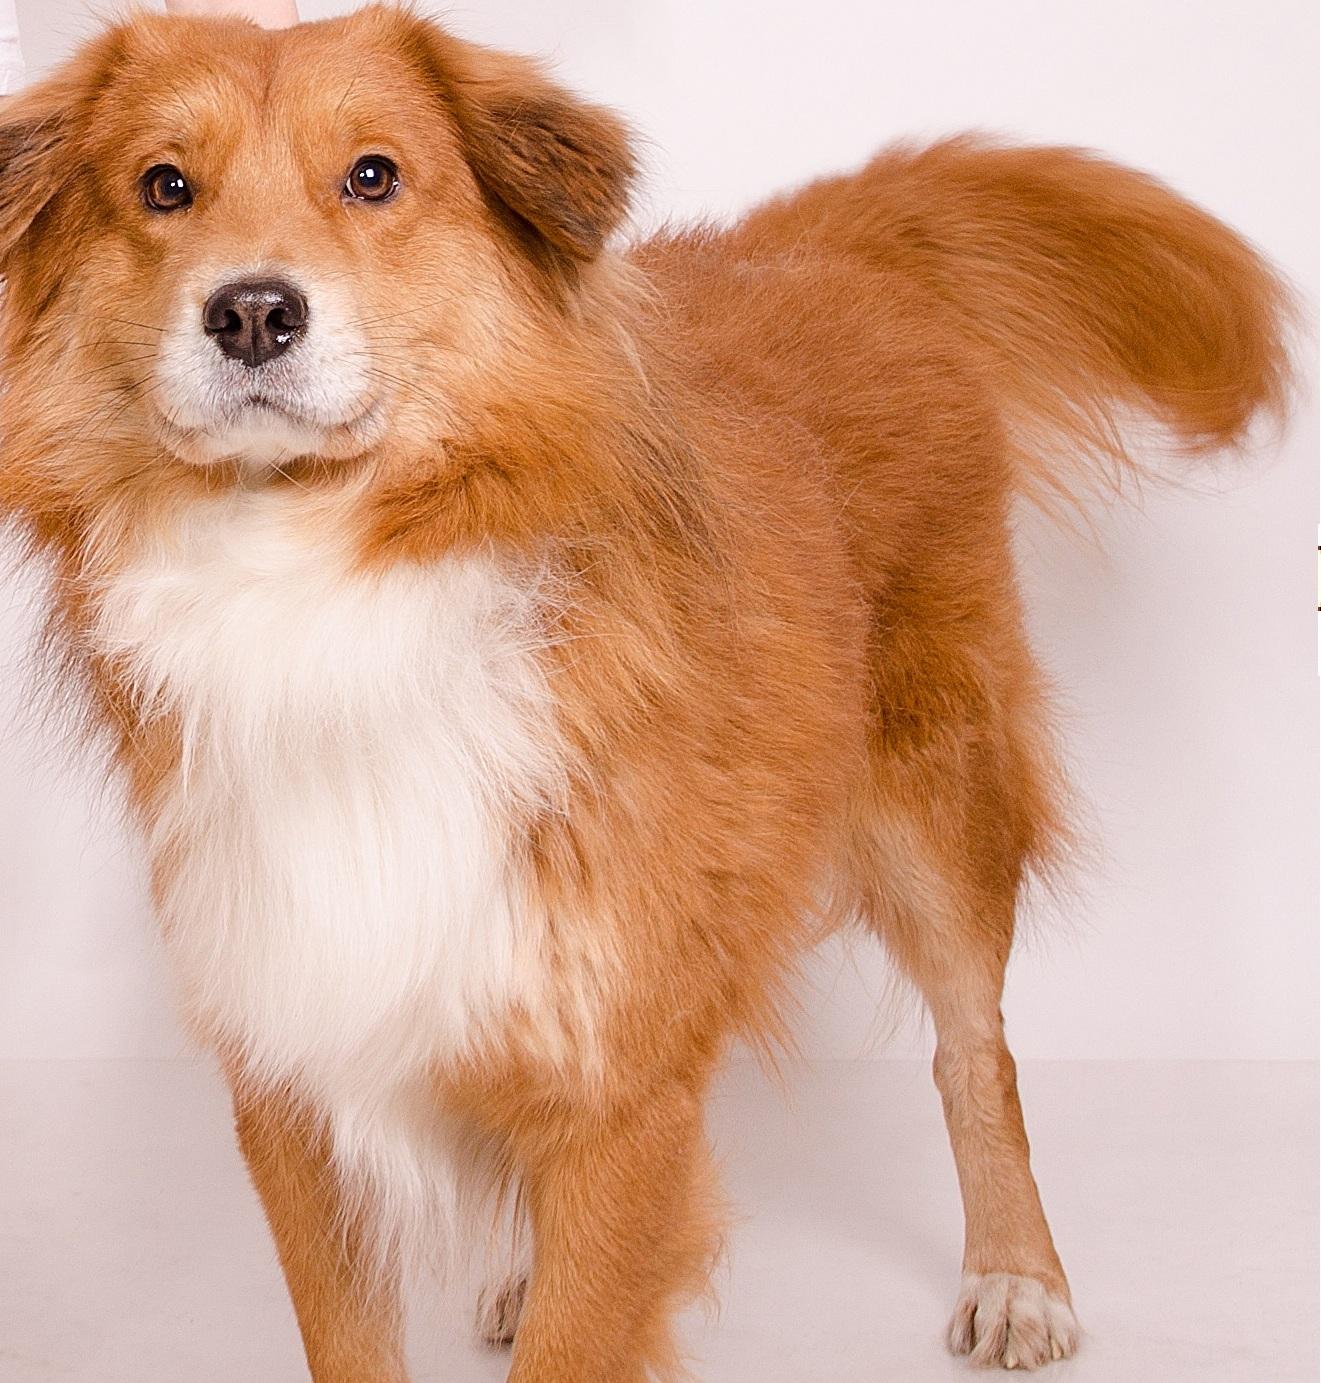 наш любимый пес 'Бес'. Блиц: кошки против собак